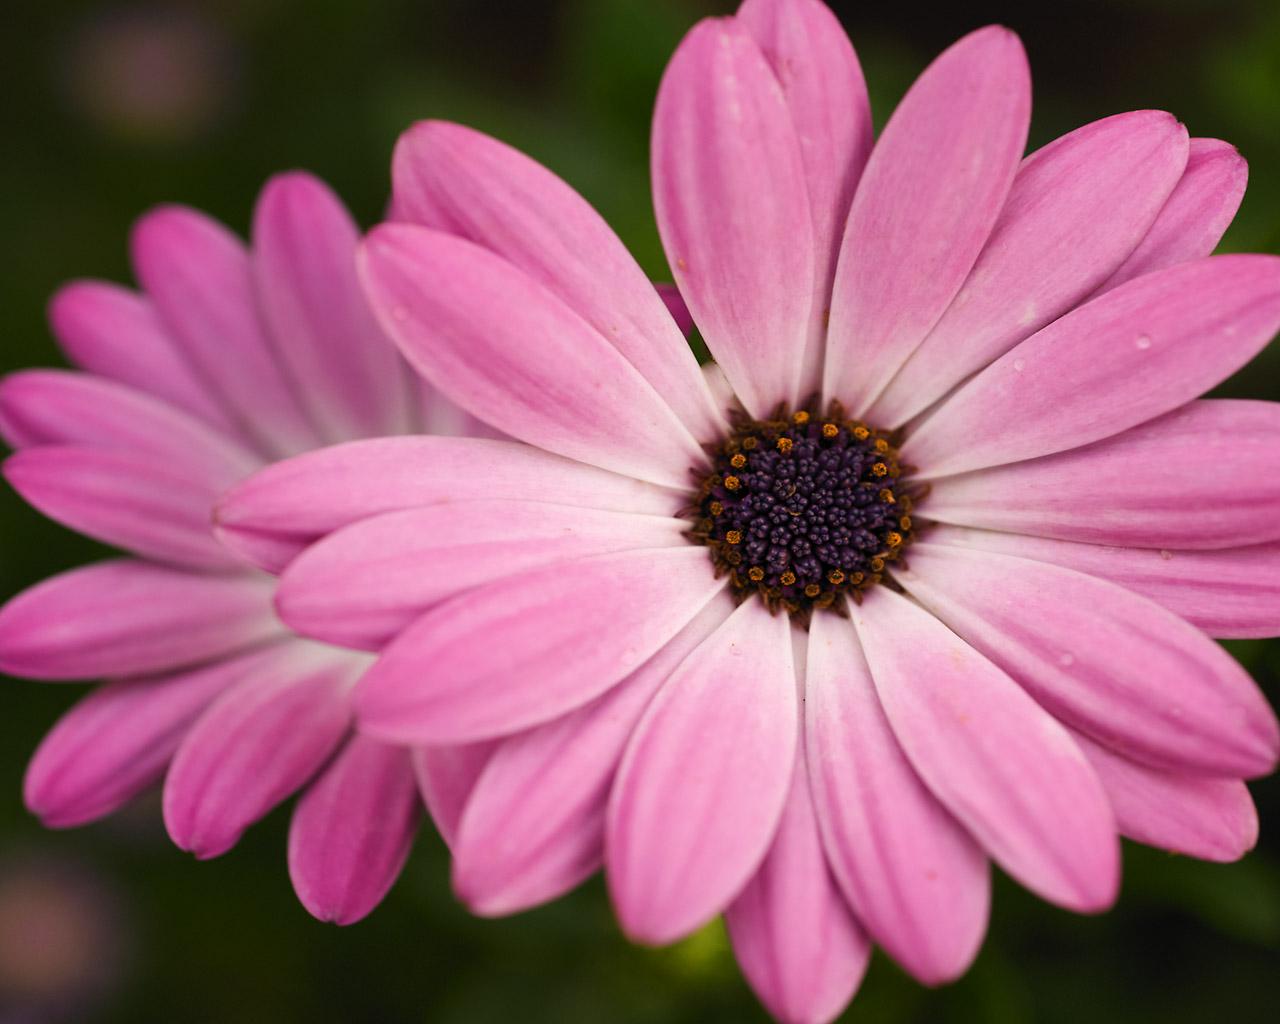 chiiizuka: A Pink Flower